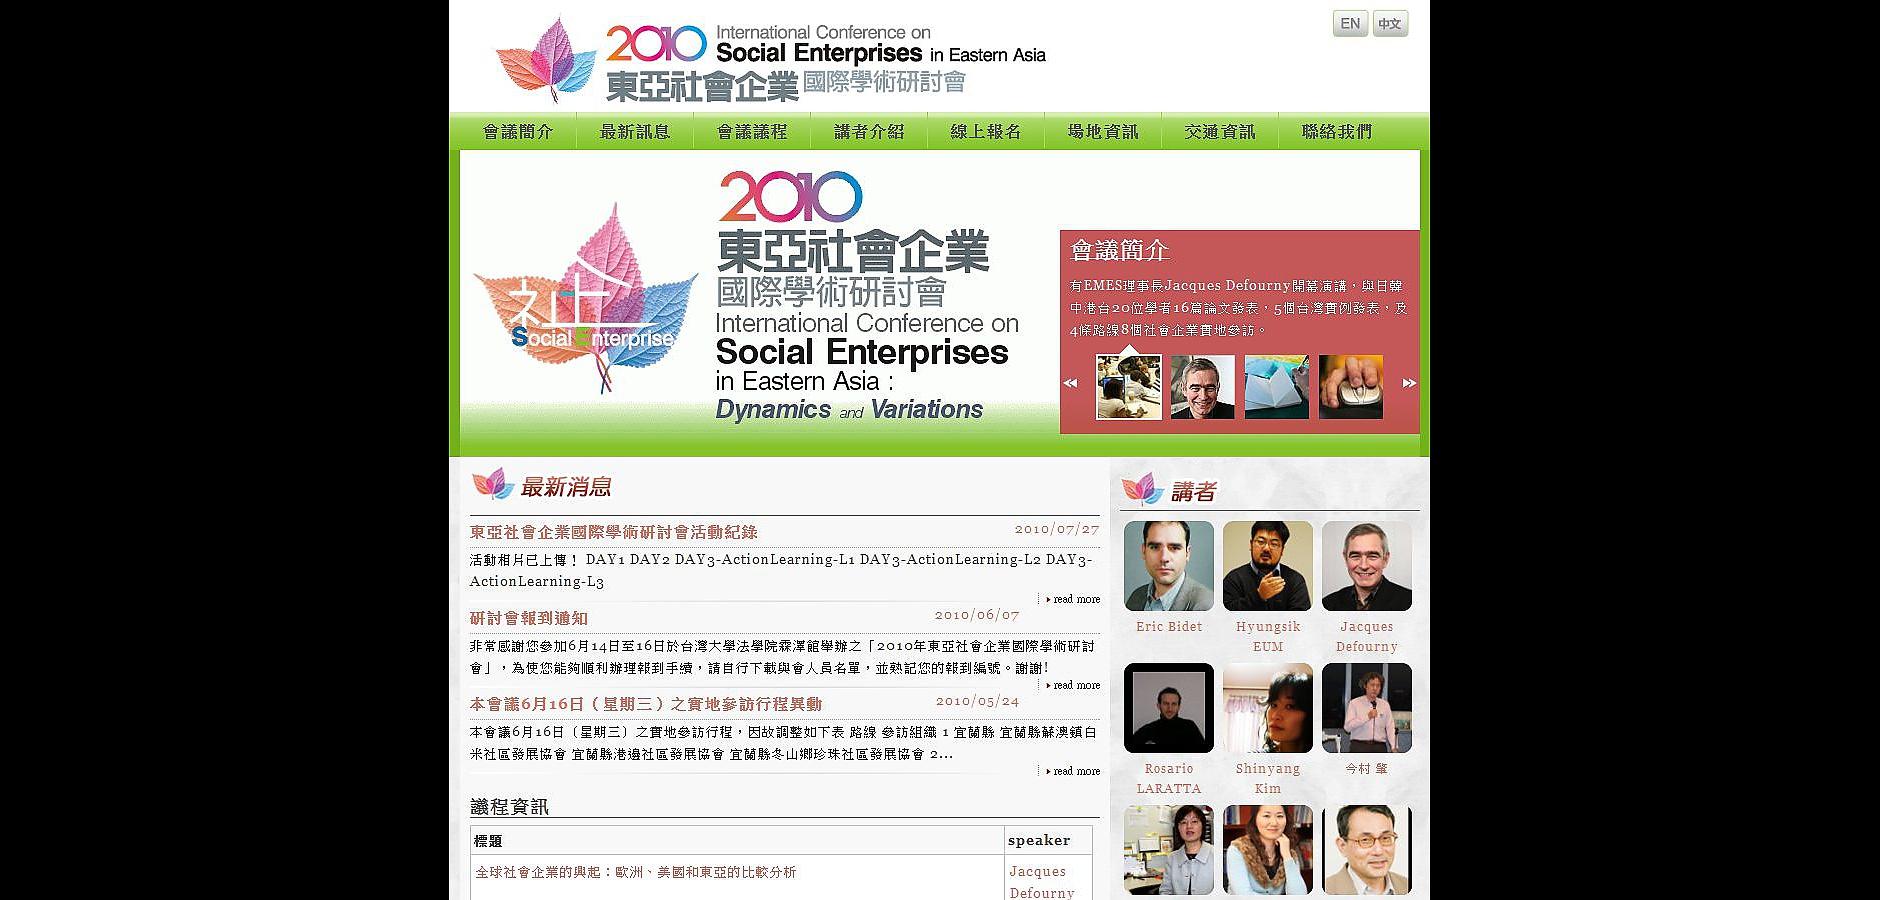 2010 年東亞社會企業國際學術研討會